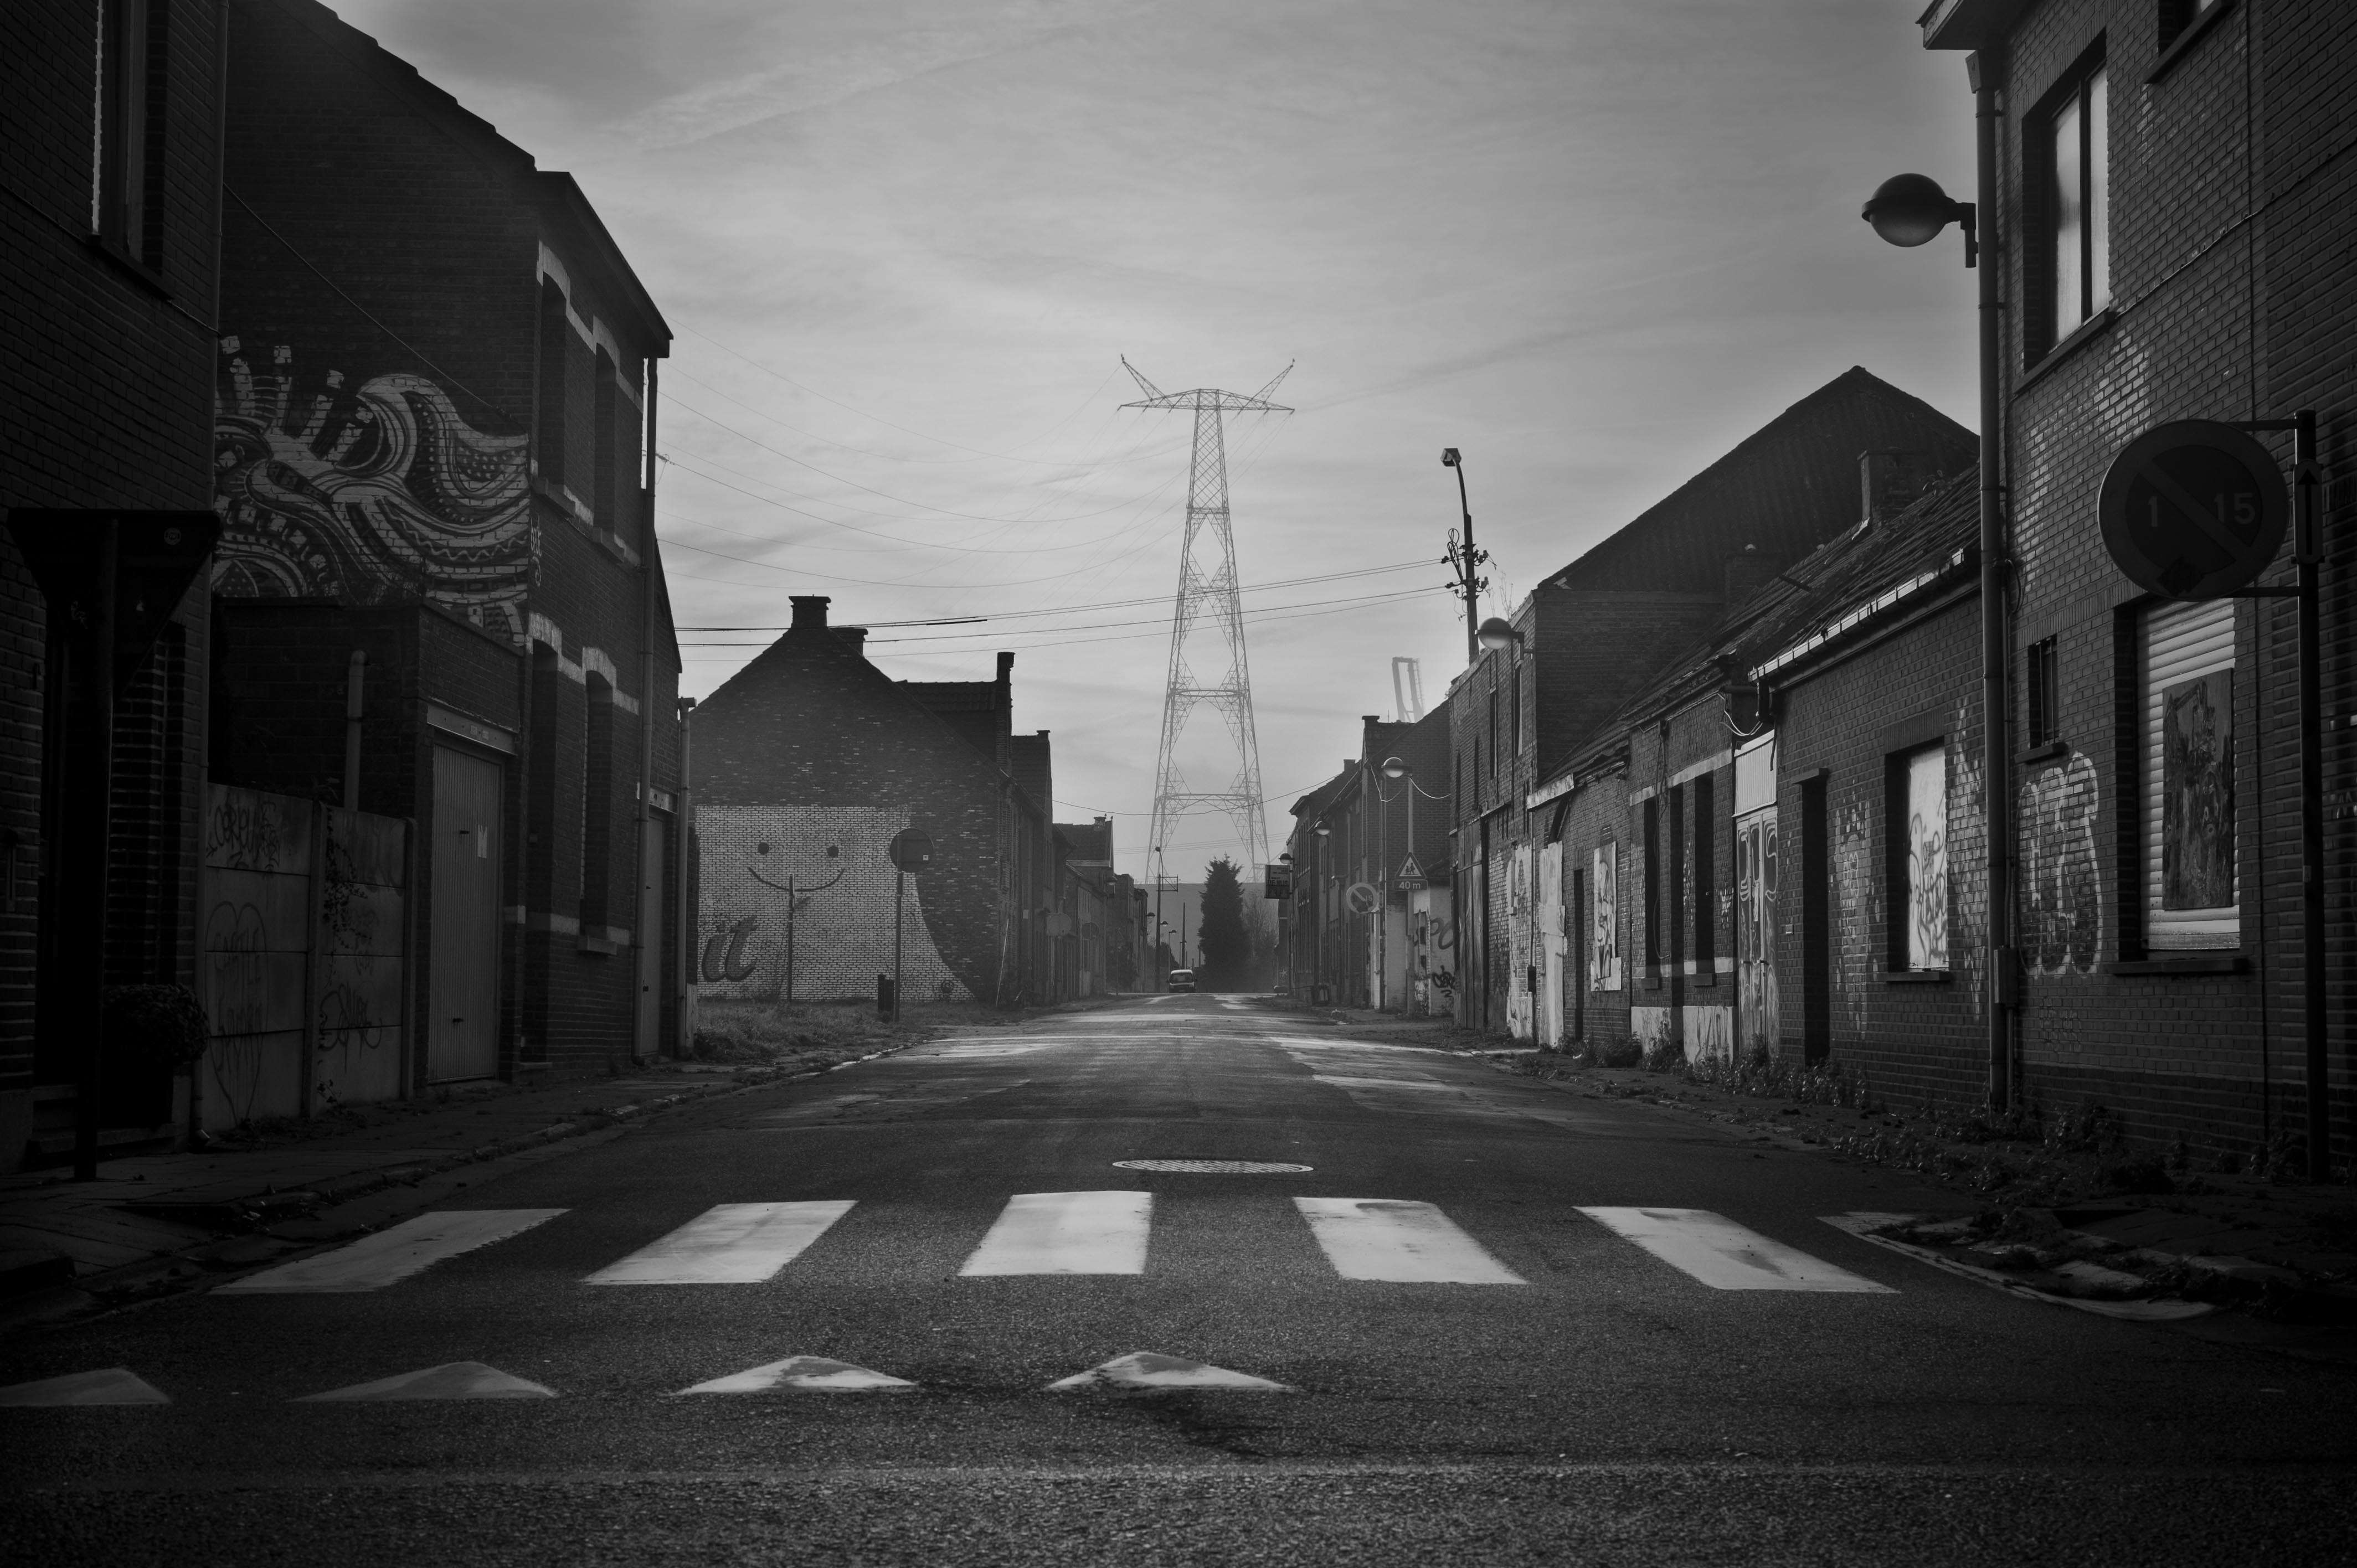 Image Empty Street 2 368328 Jpg The Rp Fear Wiki